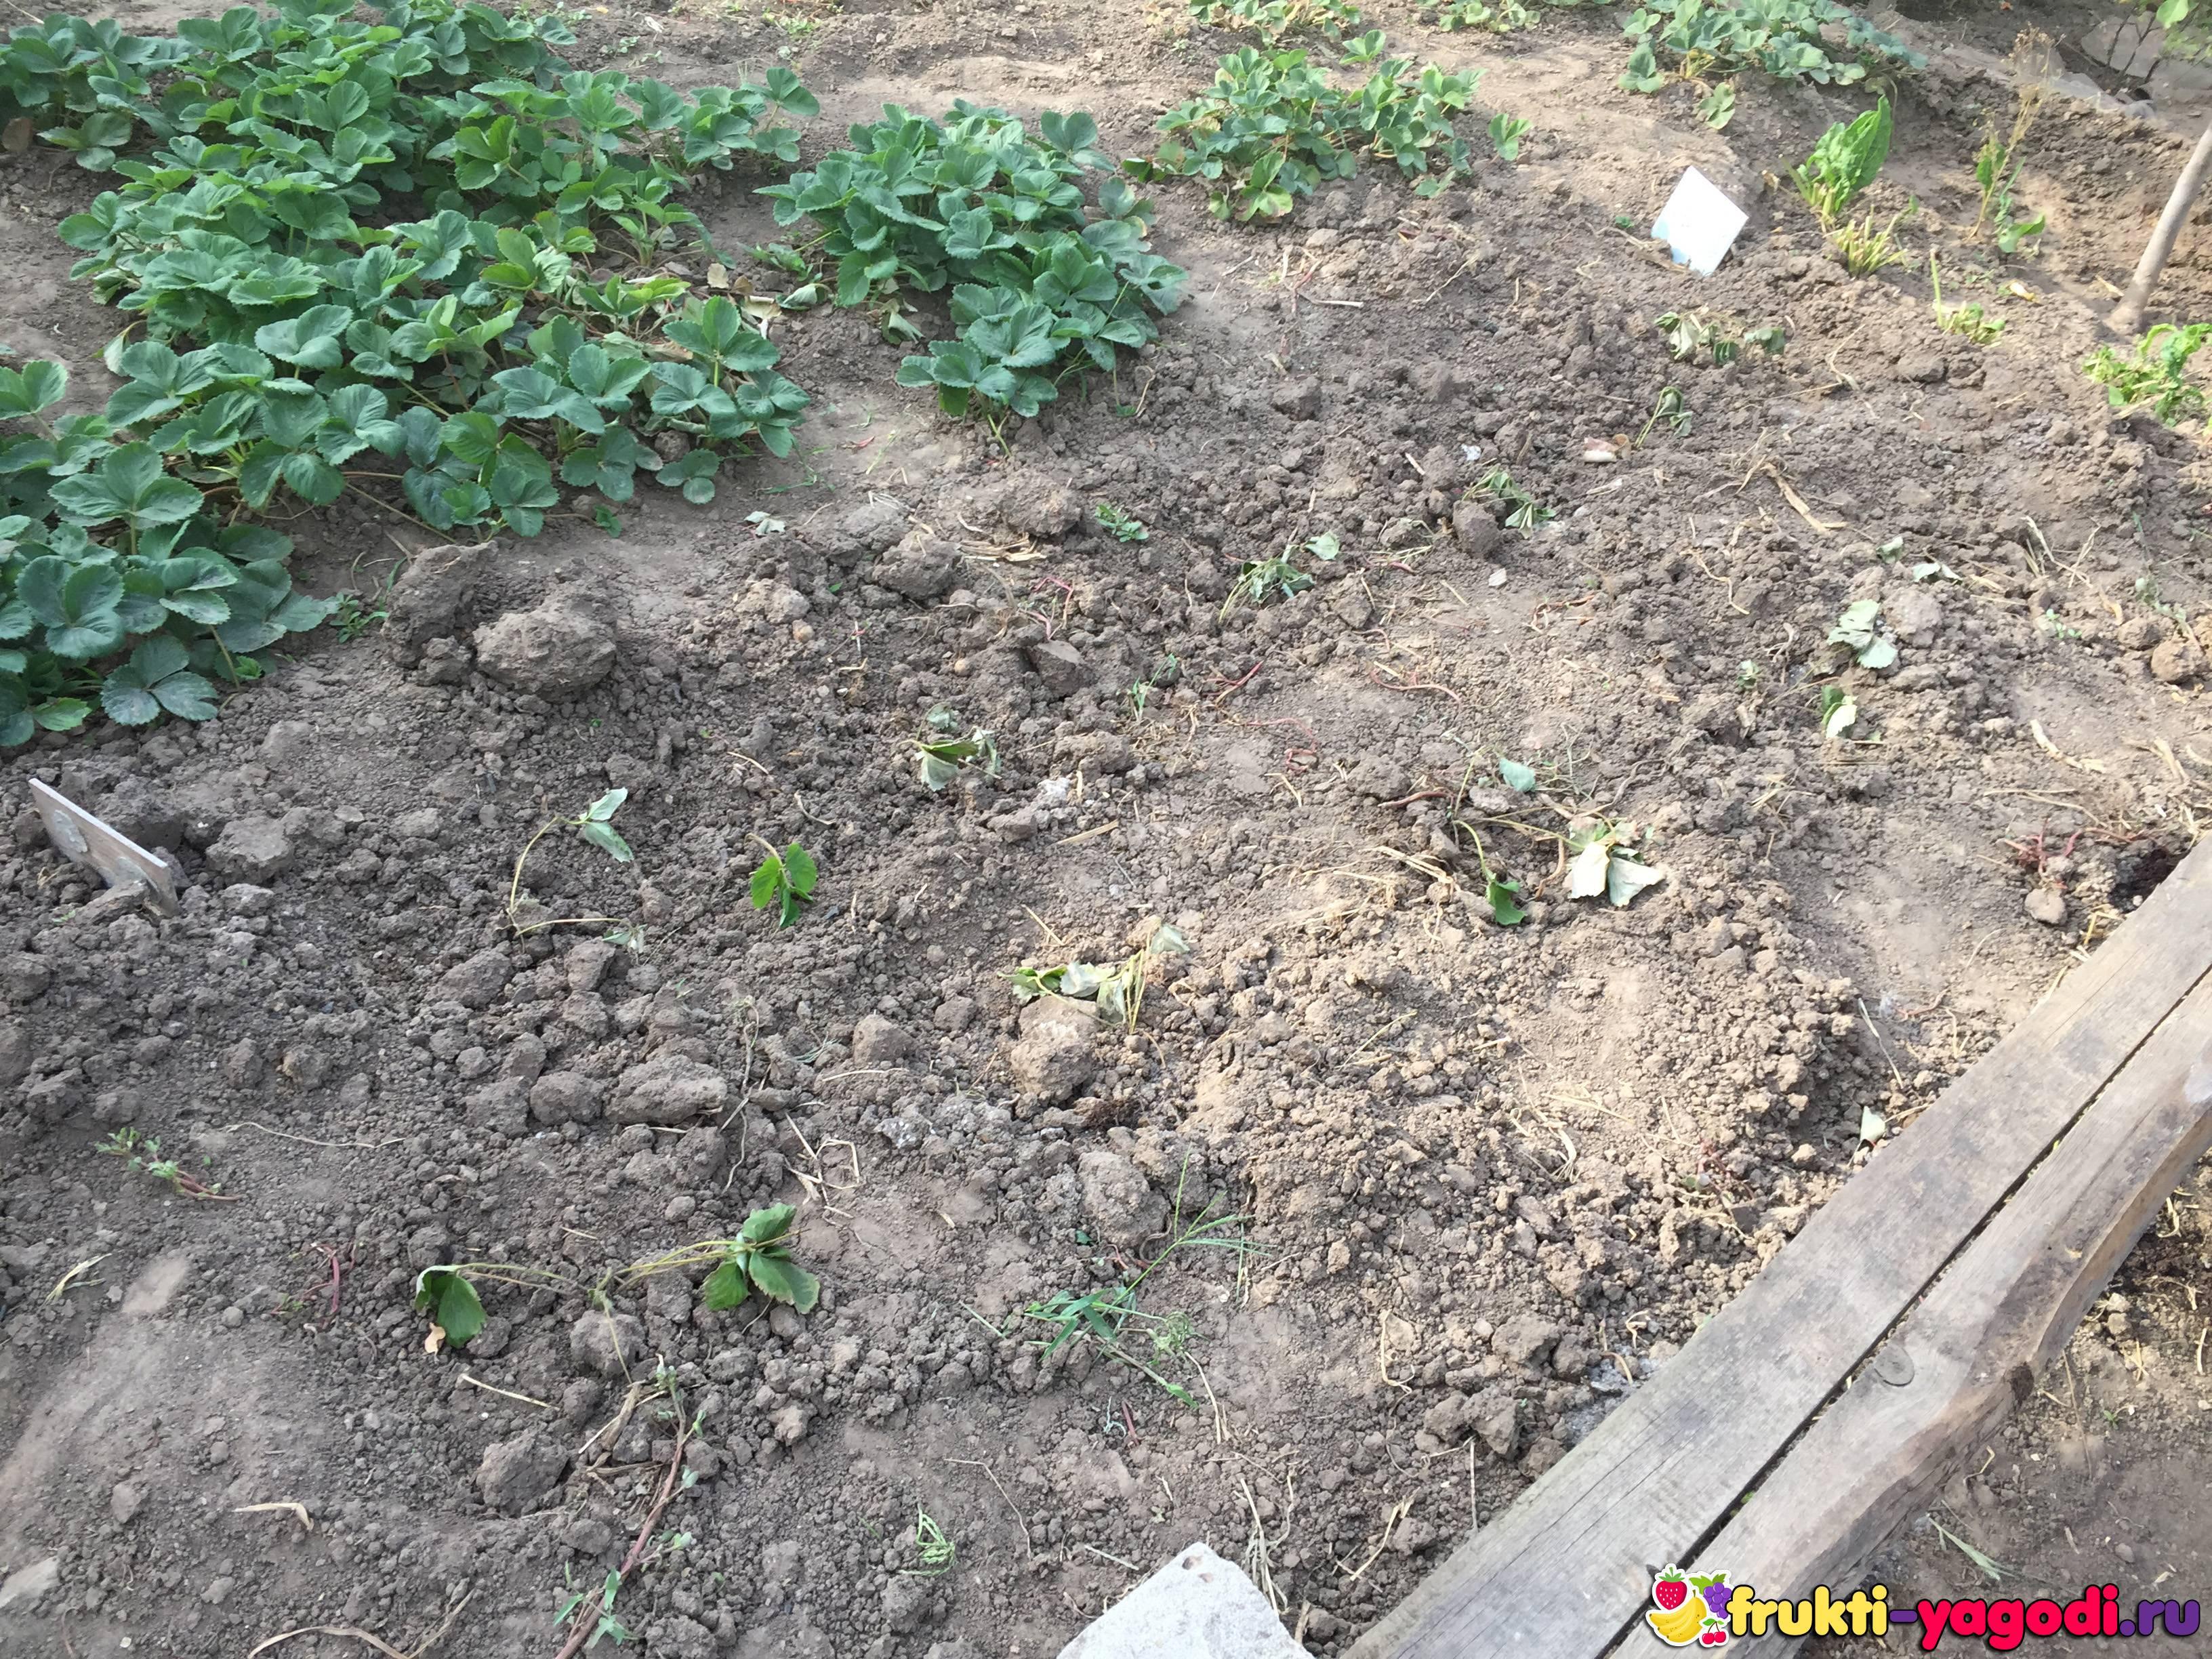 Как правильно посадить клубнику осенью: технология и схема, видео и фото